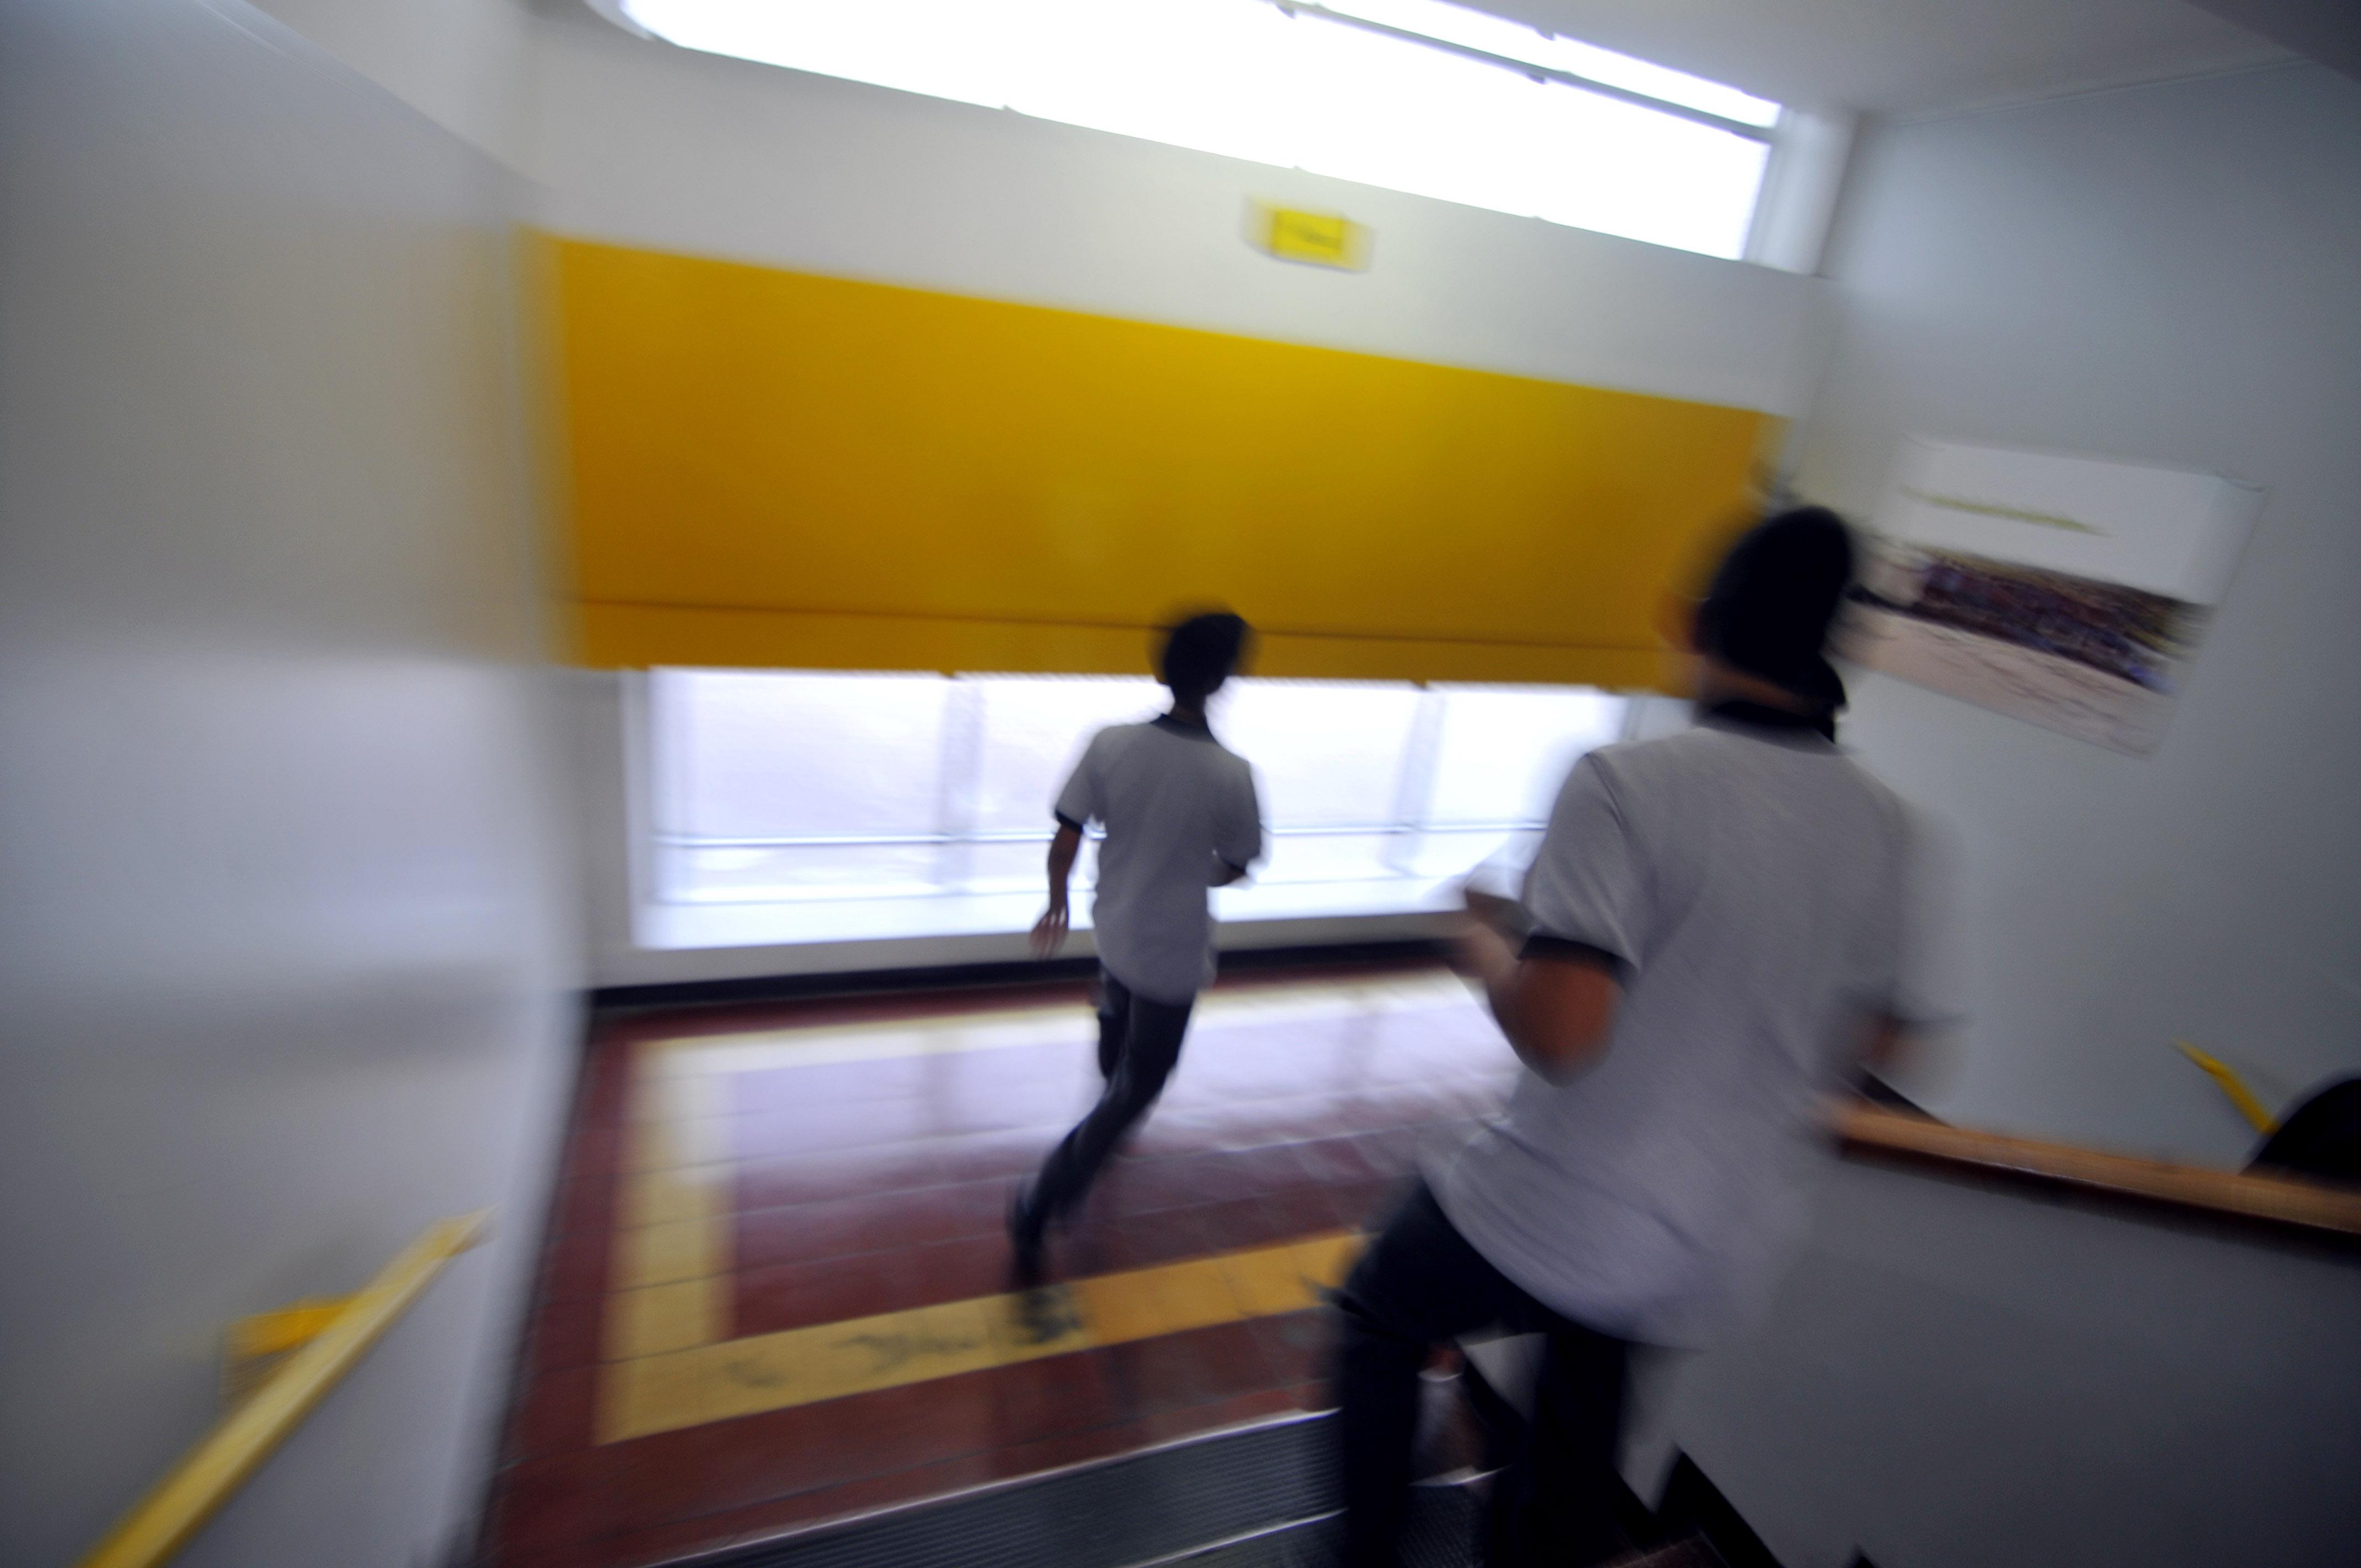 Tres colegios de Quintero fueron evacuados tras intoxicación de alumnos con gas desconocido